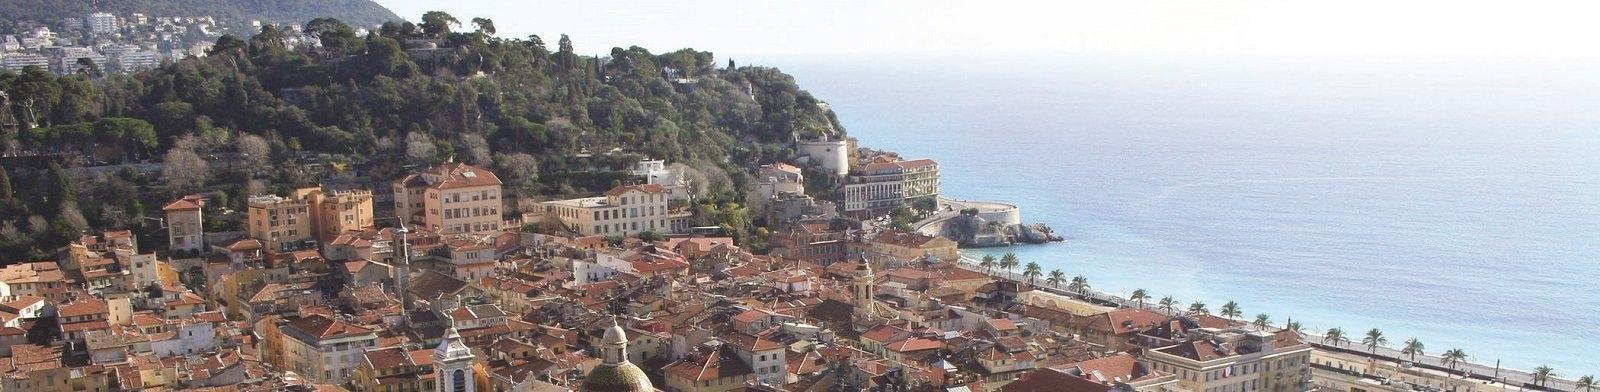 Cote d'Azur view